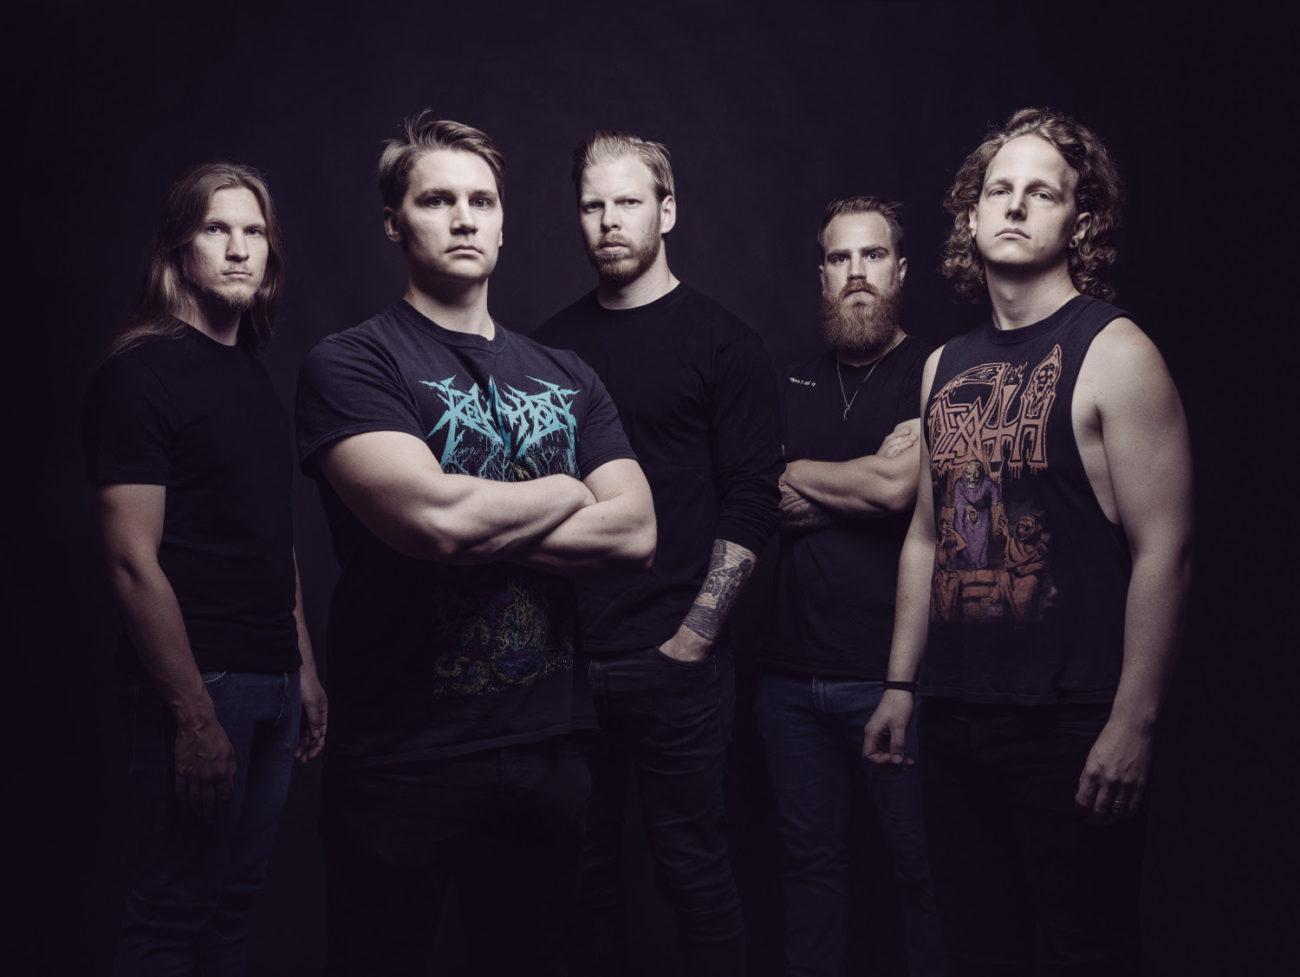 Helsinkiläinen death metal -orkesteri Omnivortex on julkaissut debyyttialbuminsa